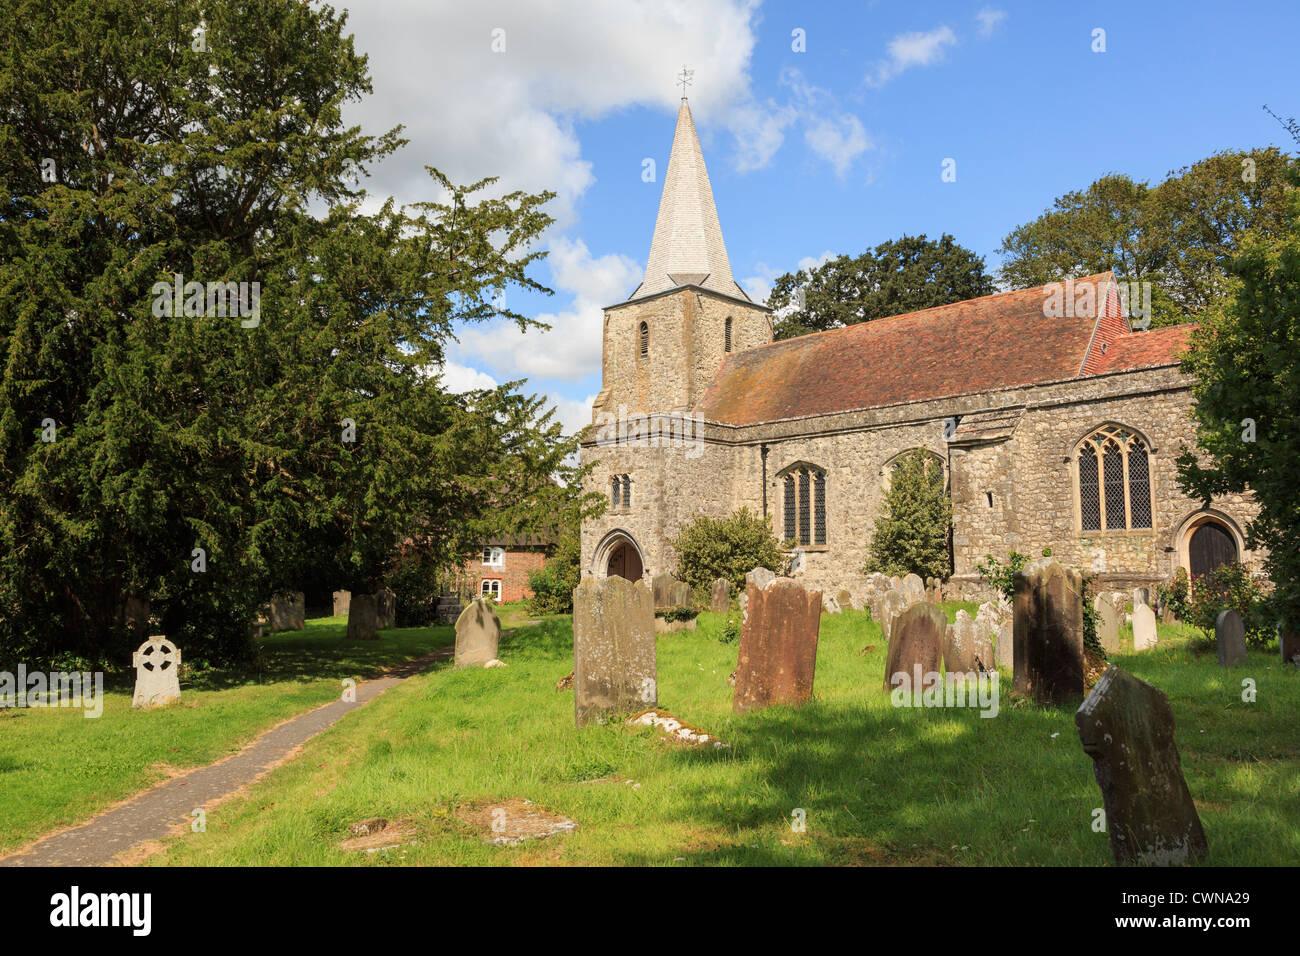 Pluckley chiesa parrocchiale di San Nicola e cimitero la fama di essere ossessionato da due fantasmi e presentati Immagini Stock